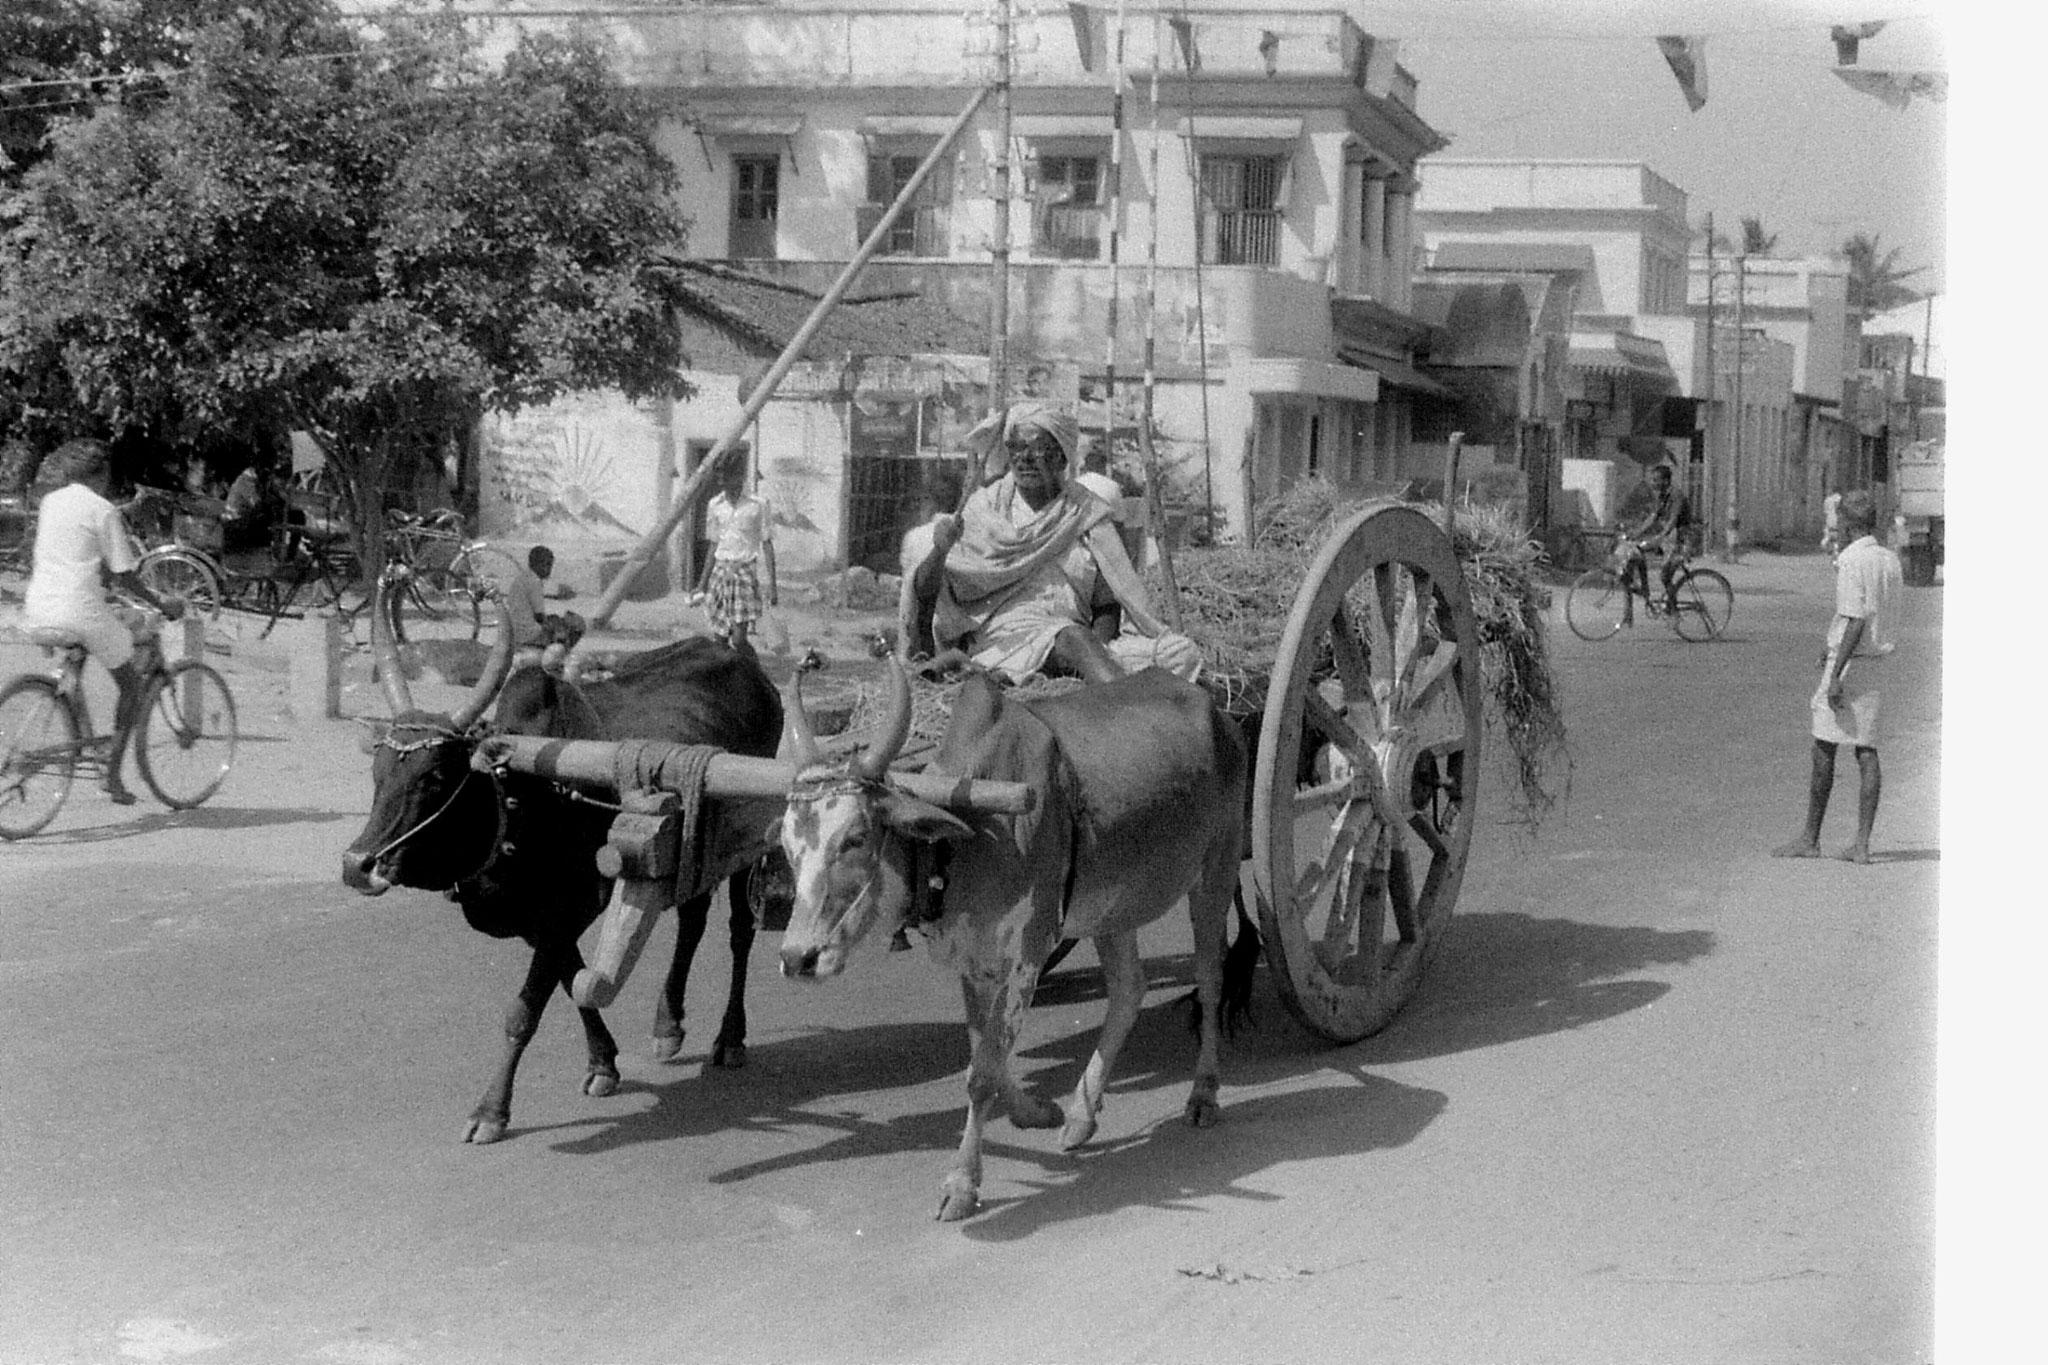 19/1/90: 19: Kanchipuram - bullock cart